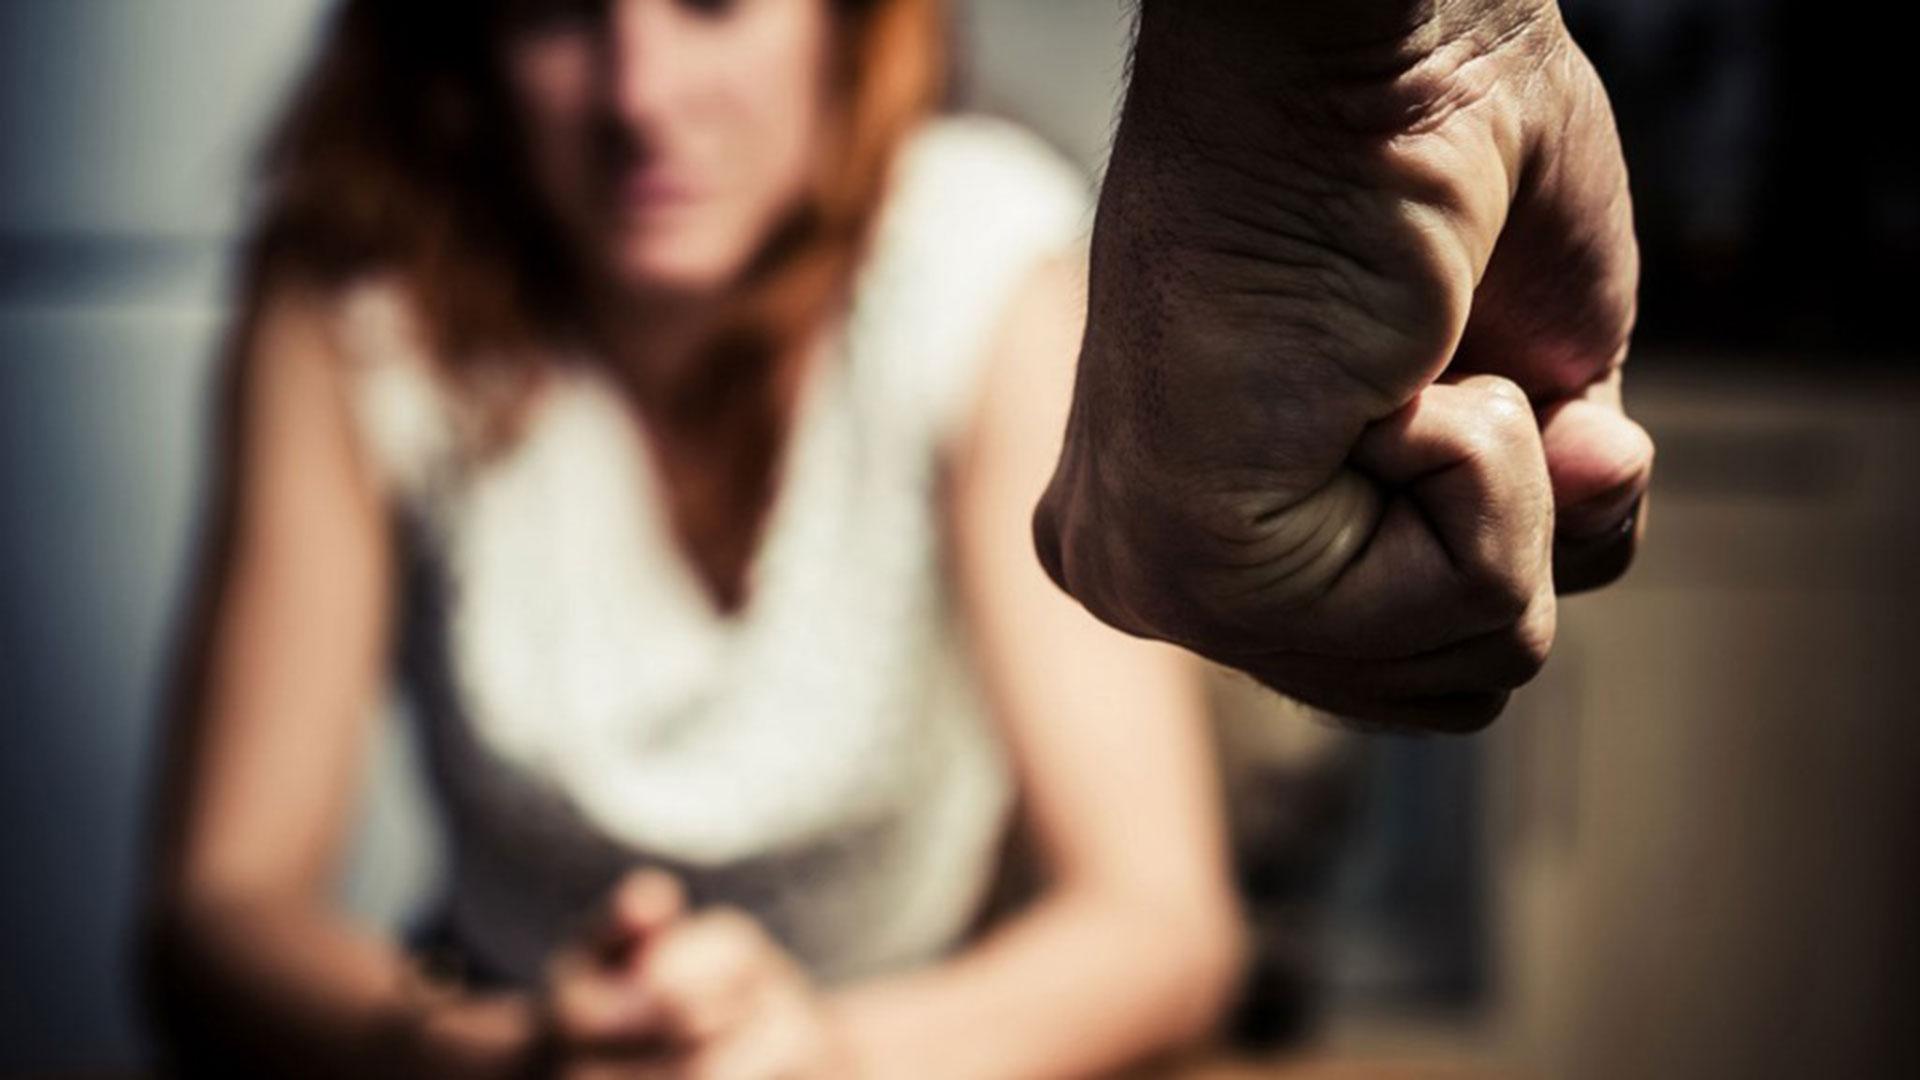 En lo que va de año se han presentado 81 feminicidios en el país, según Medicina Legal.